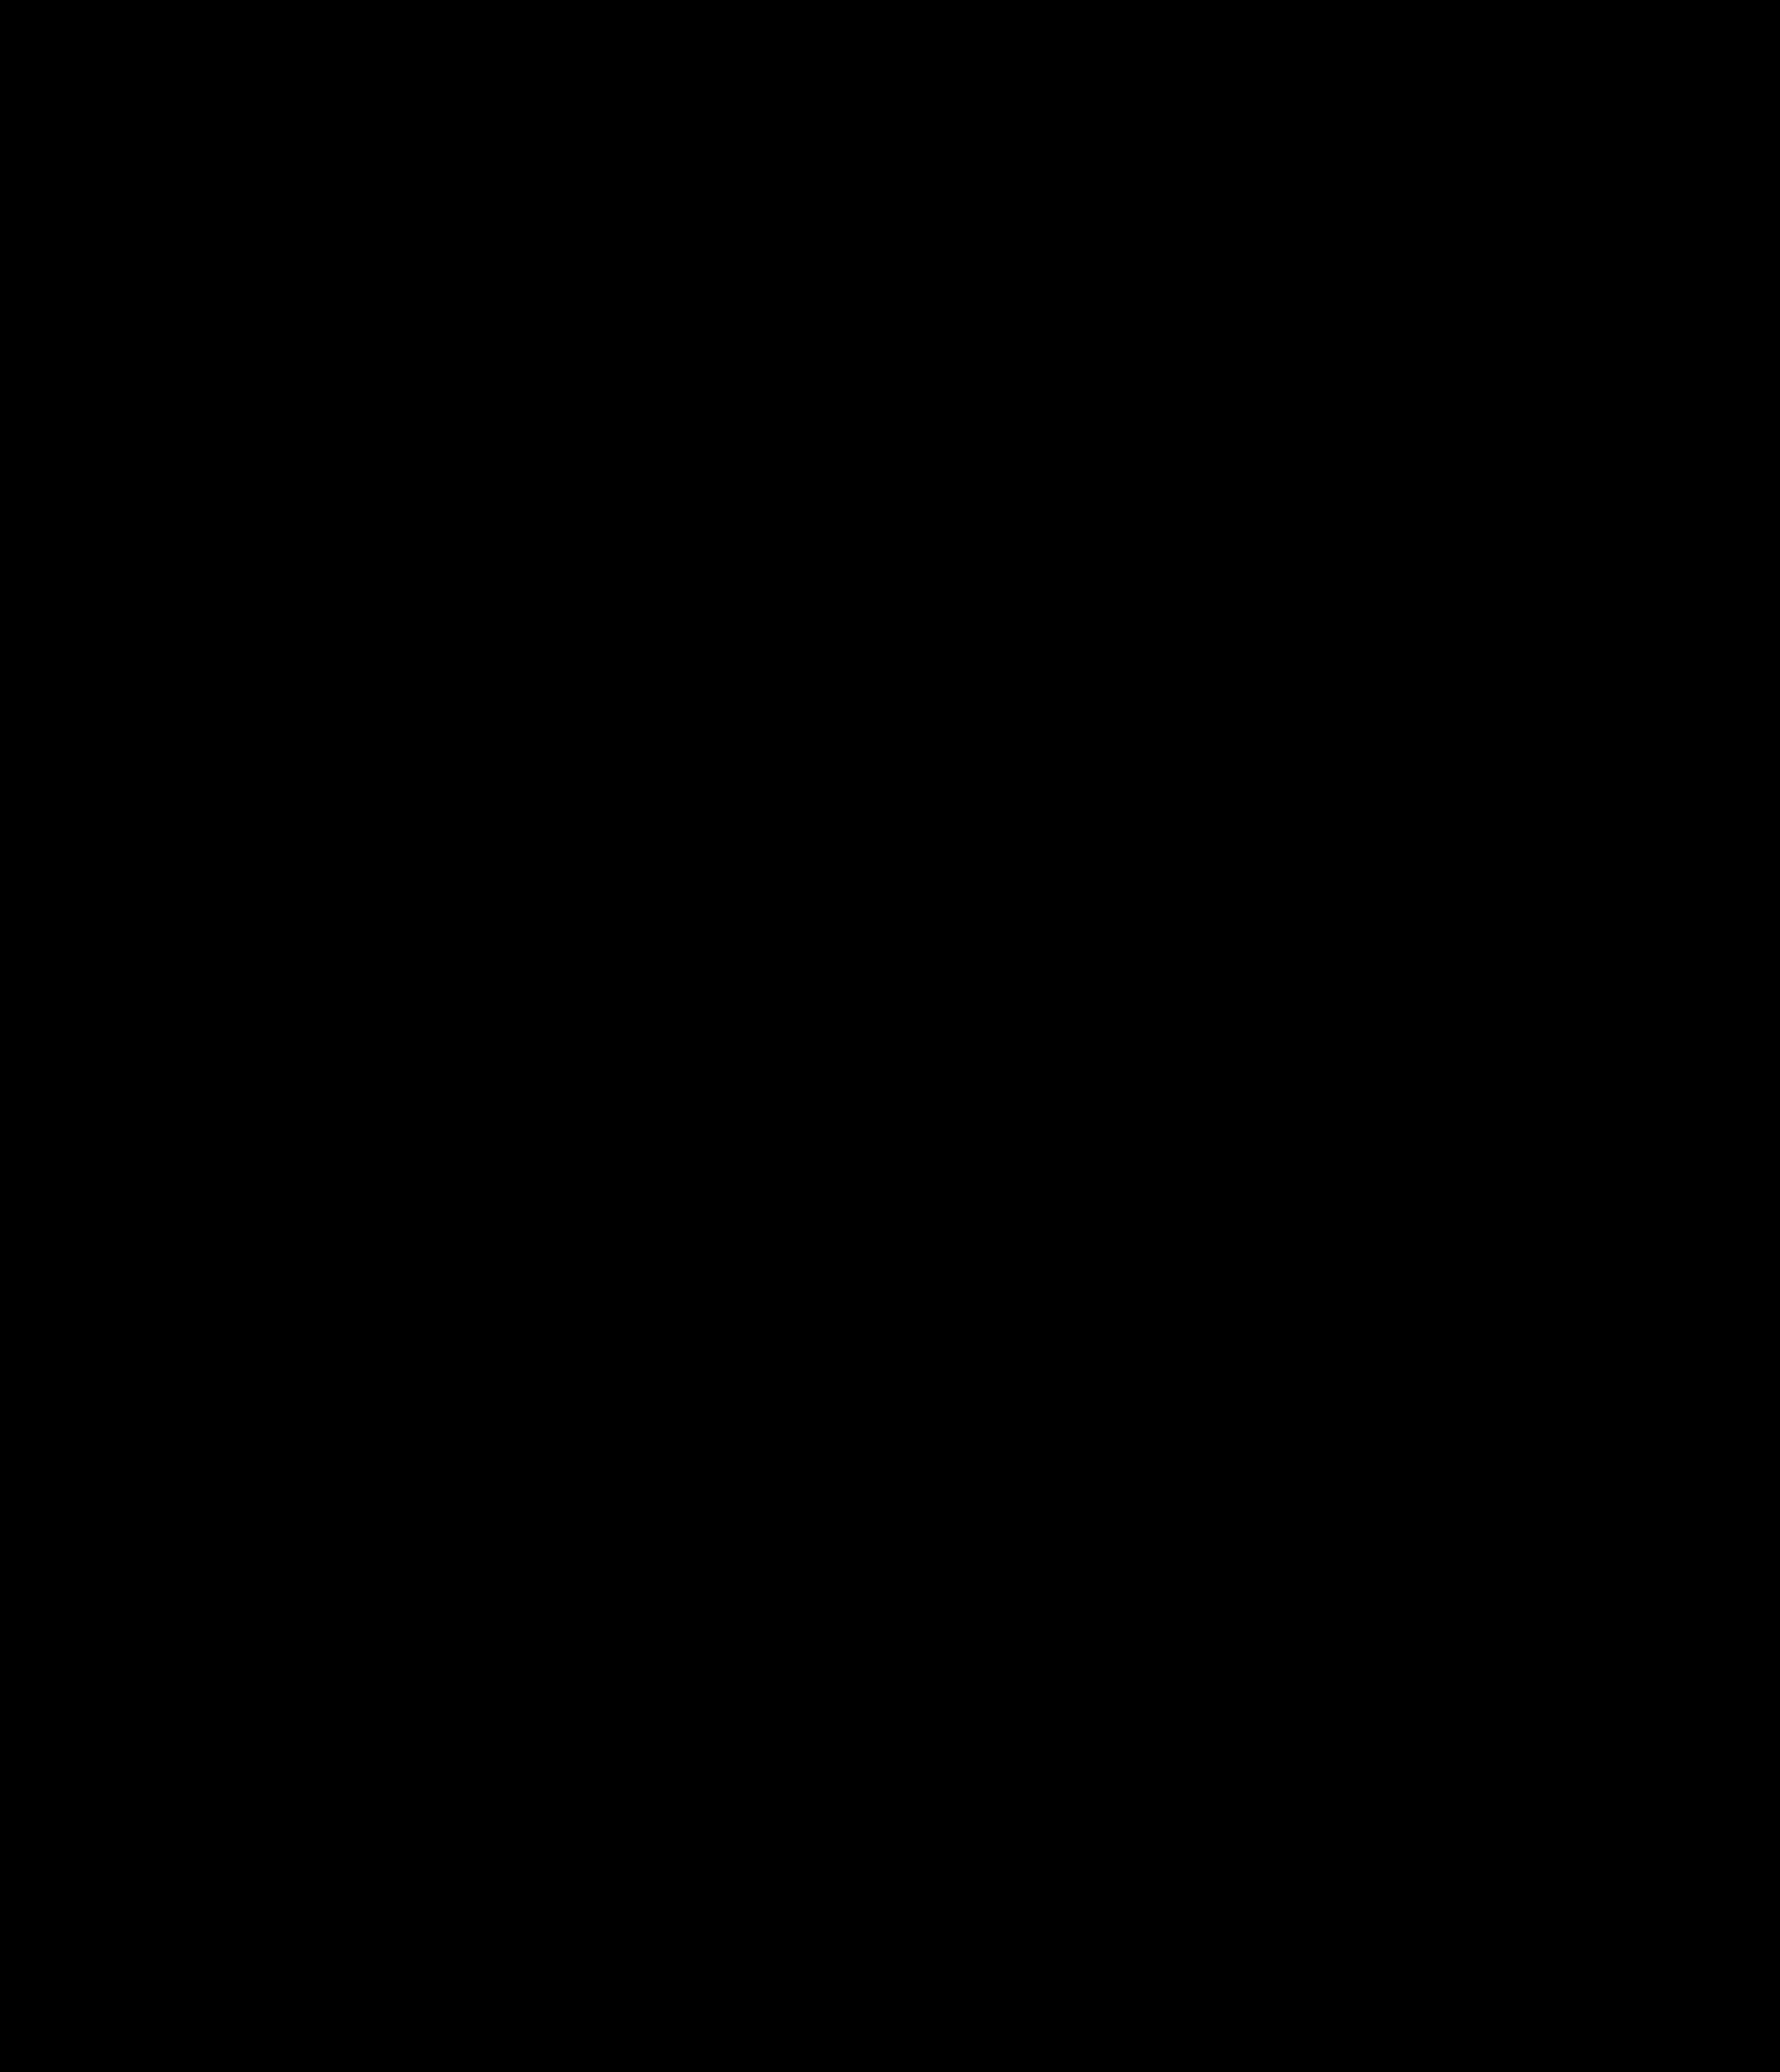 Christos - Gründer von Escapetime Erlangen